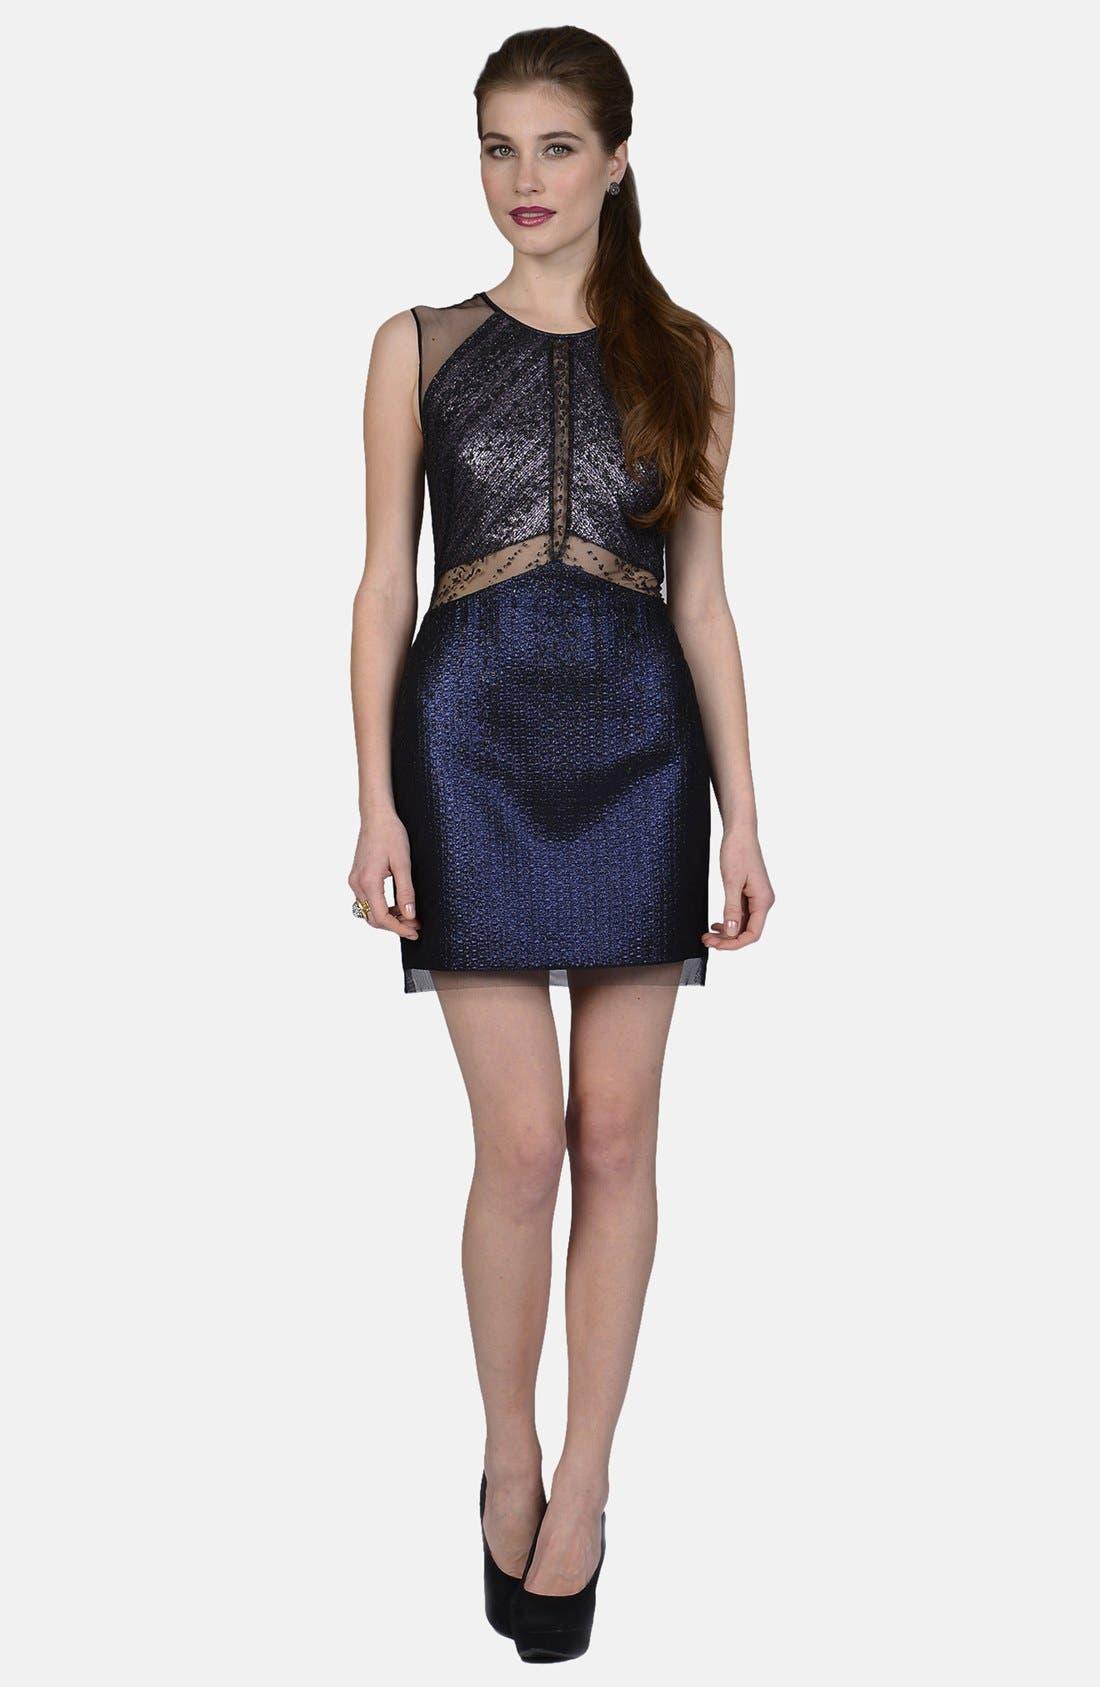 Main Image - Phoebe by Kay Unger Mixed Media Sheath Dress